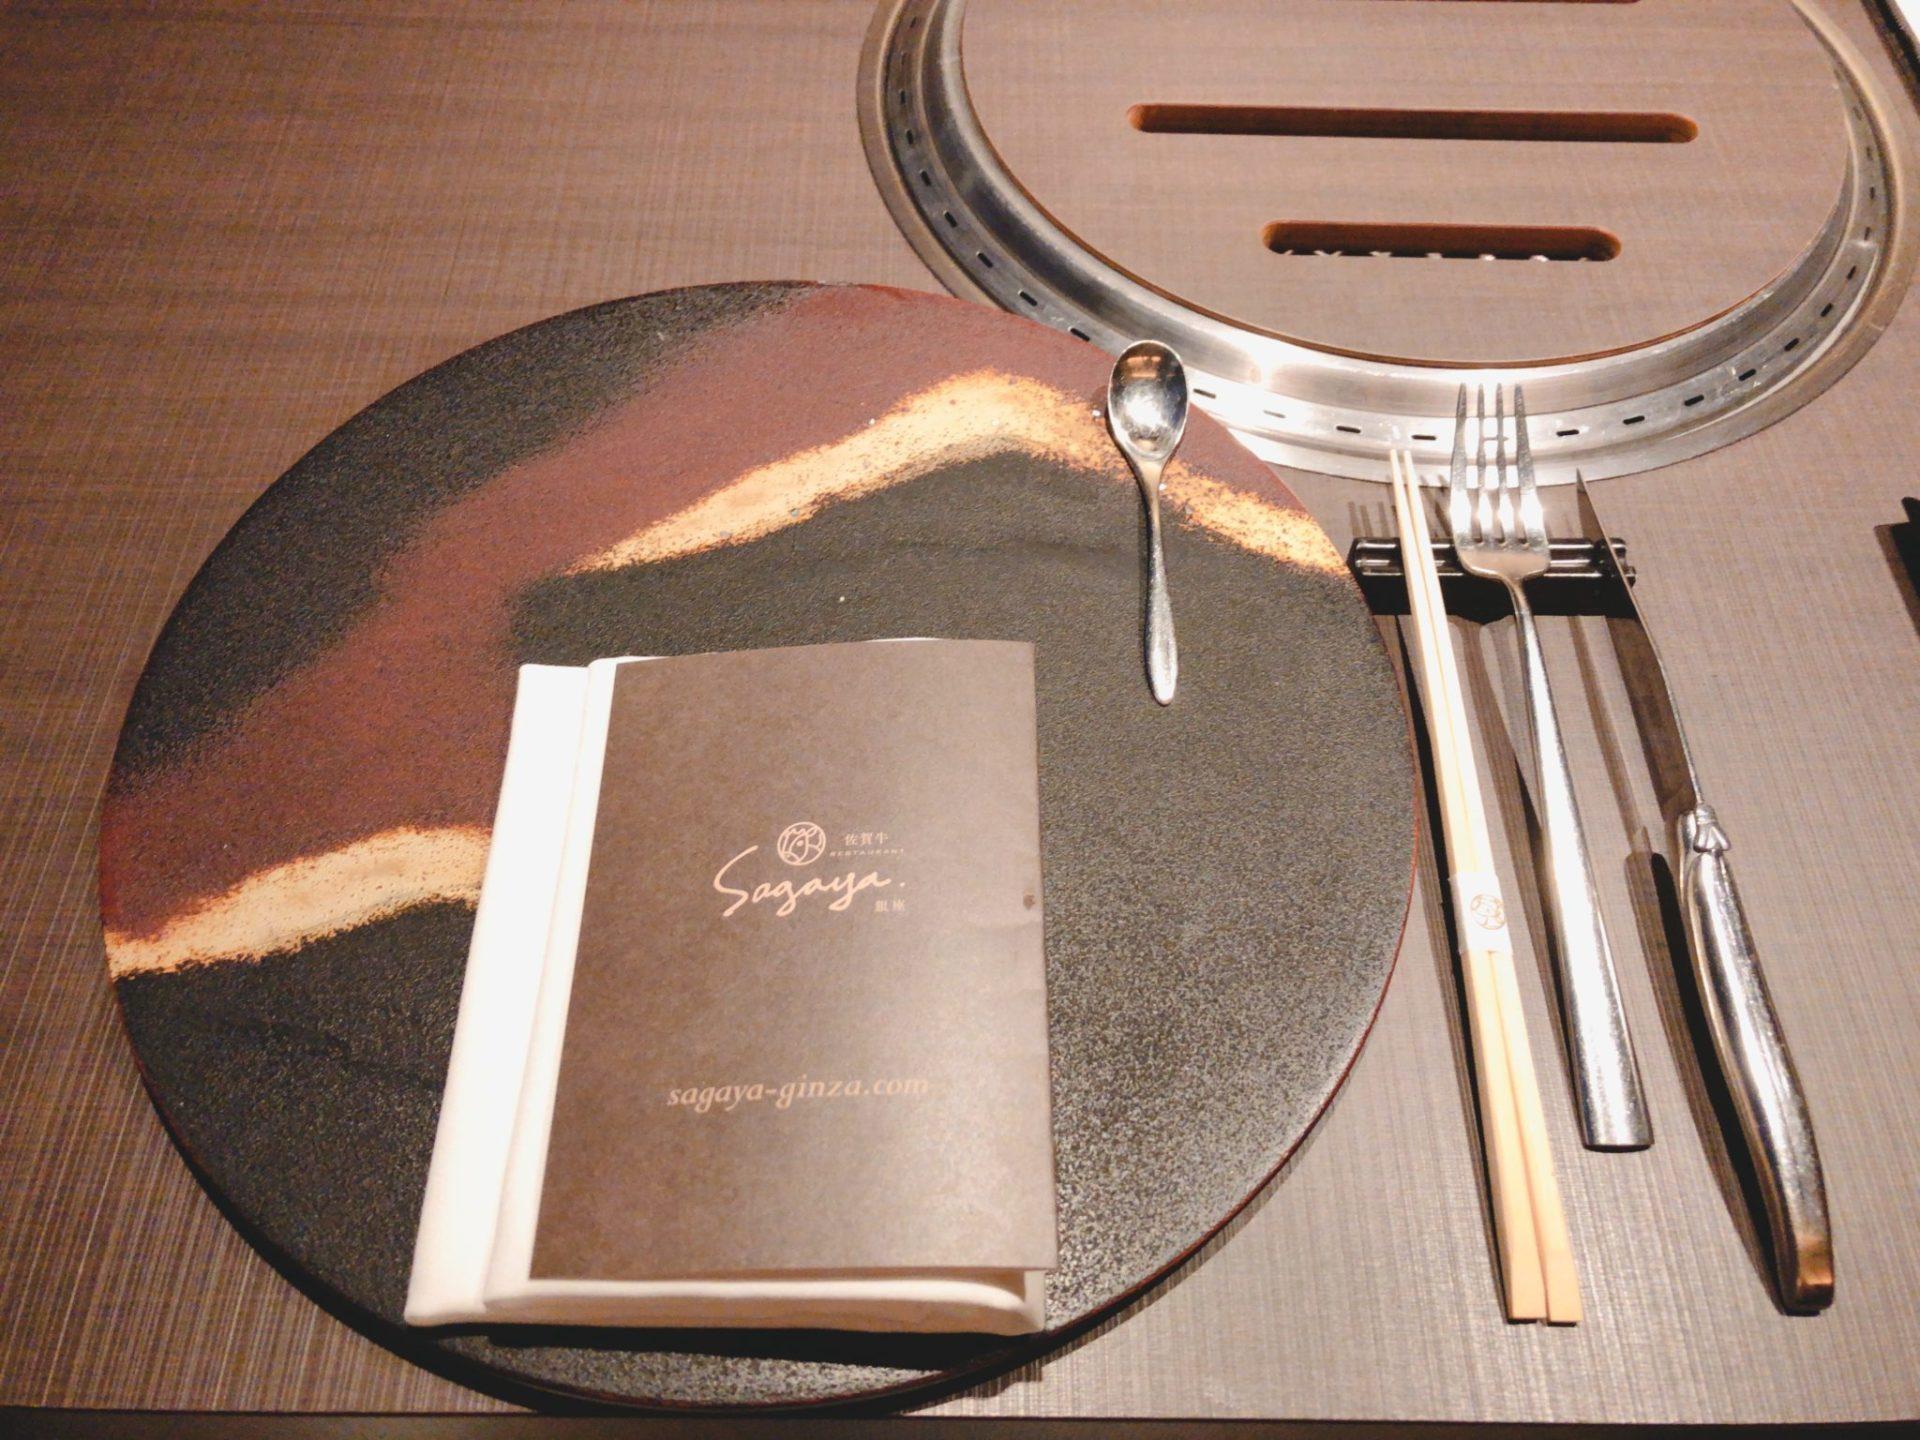 佐賀牛Sagaya銀座のディナー